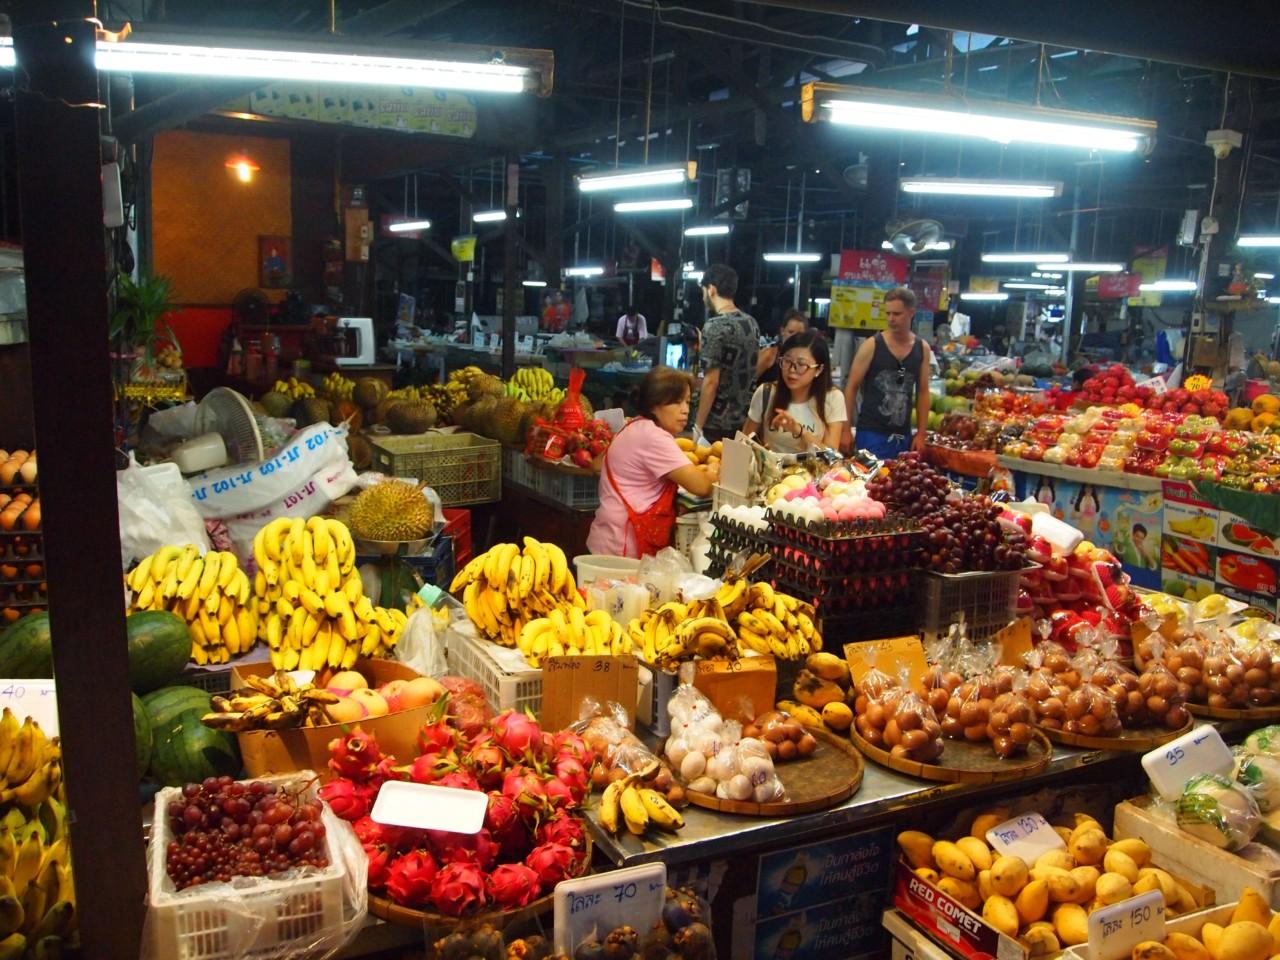 So viele Früchte